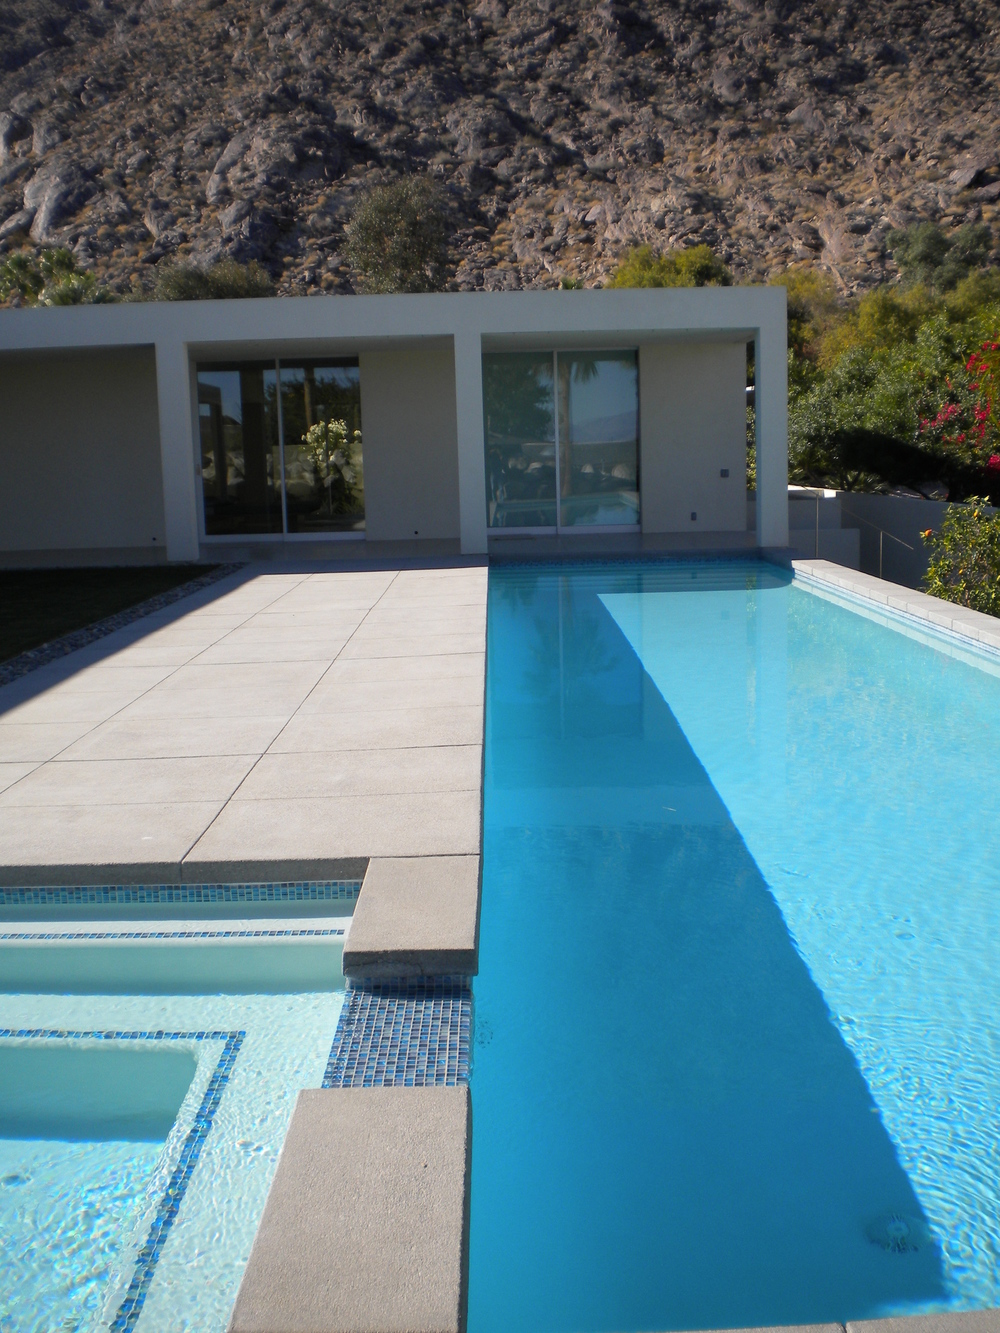 La+MIrada+Lap+Pool.JPG